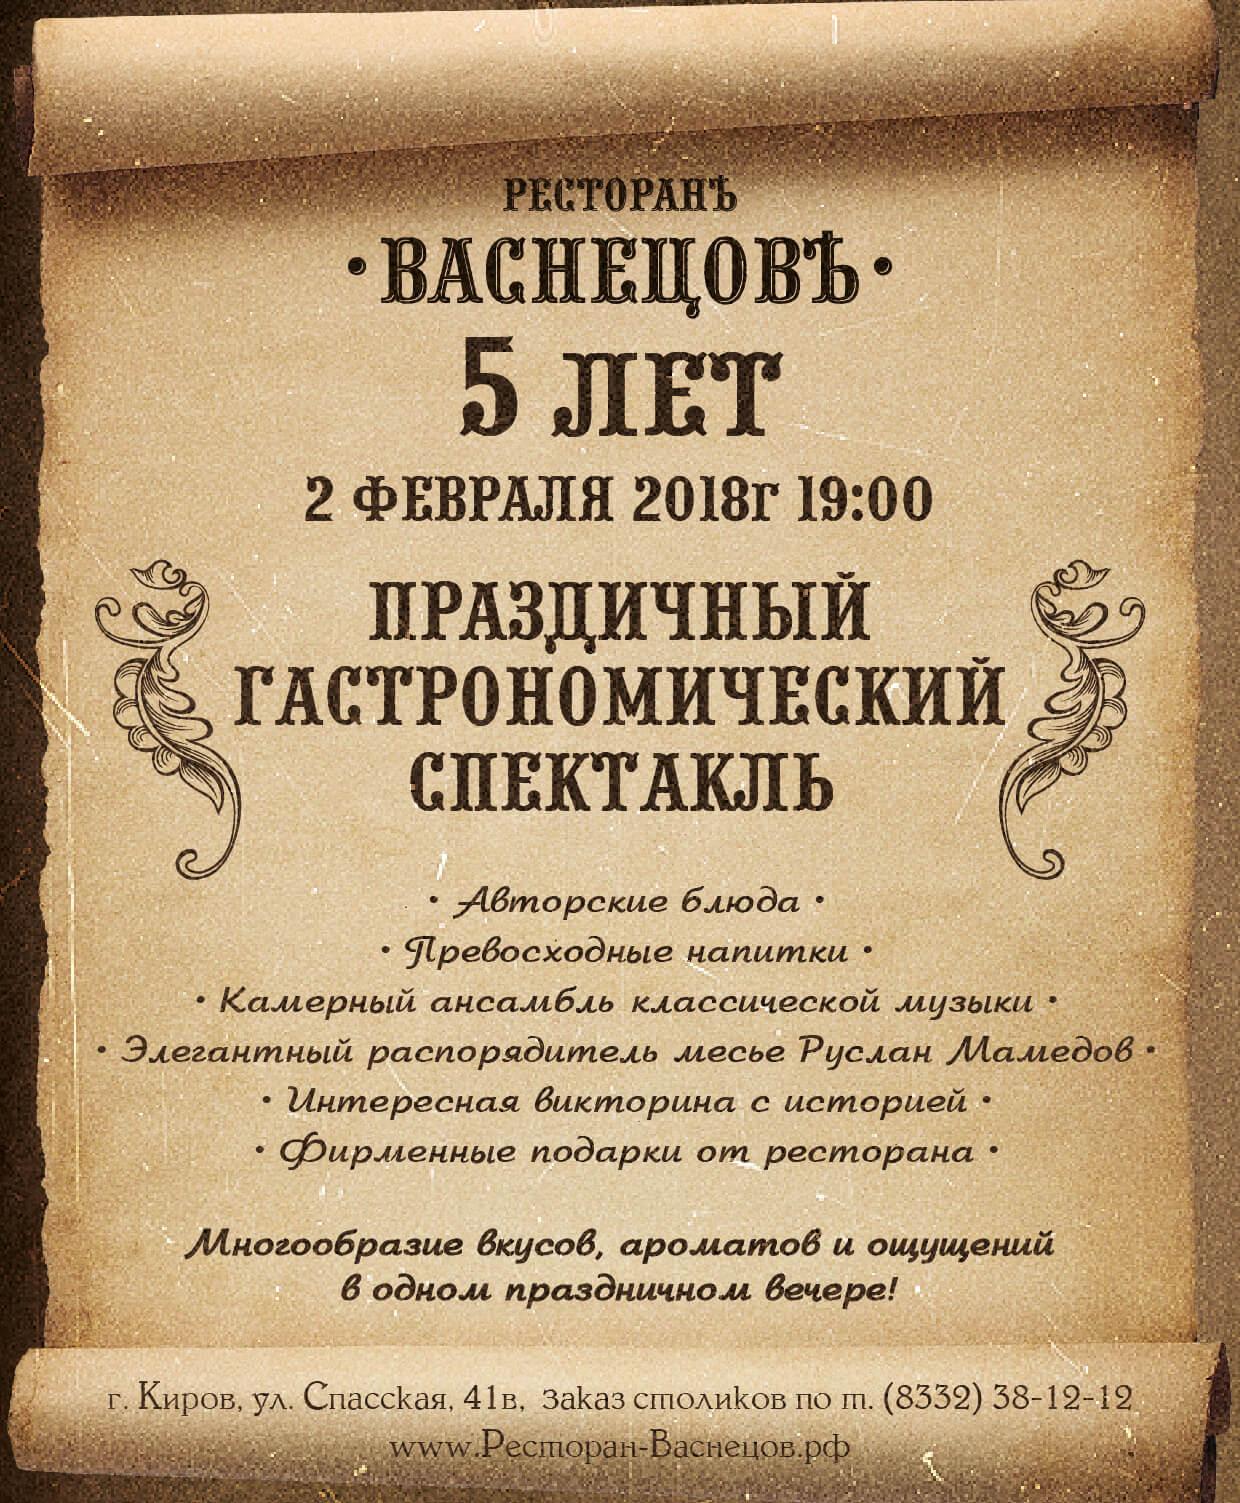 Васнецов 5 лет